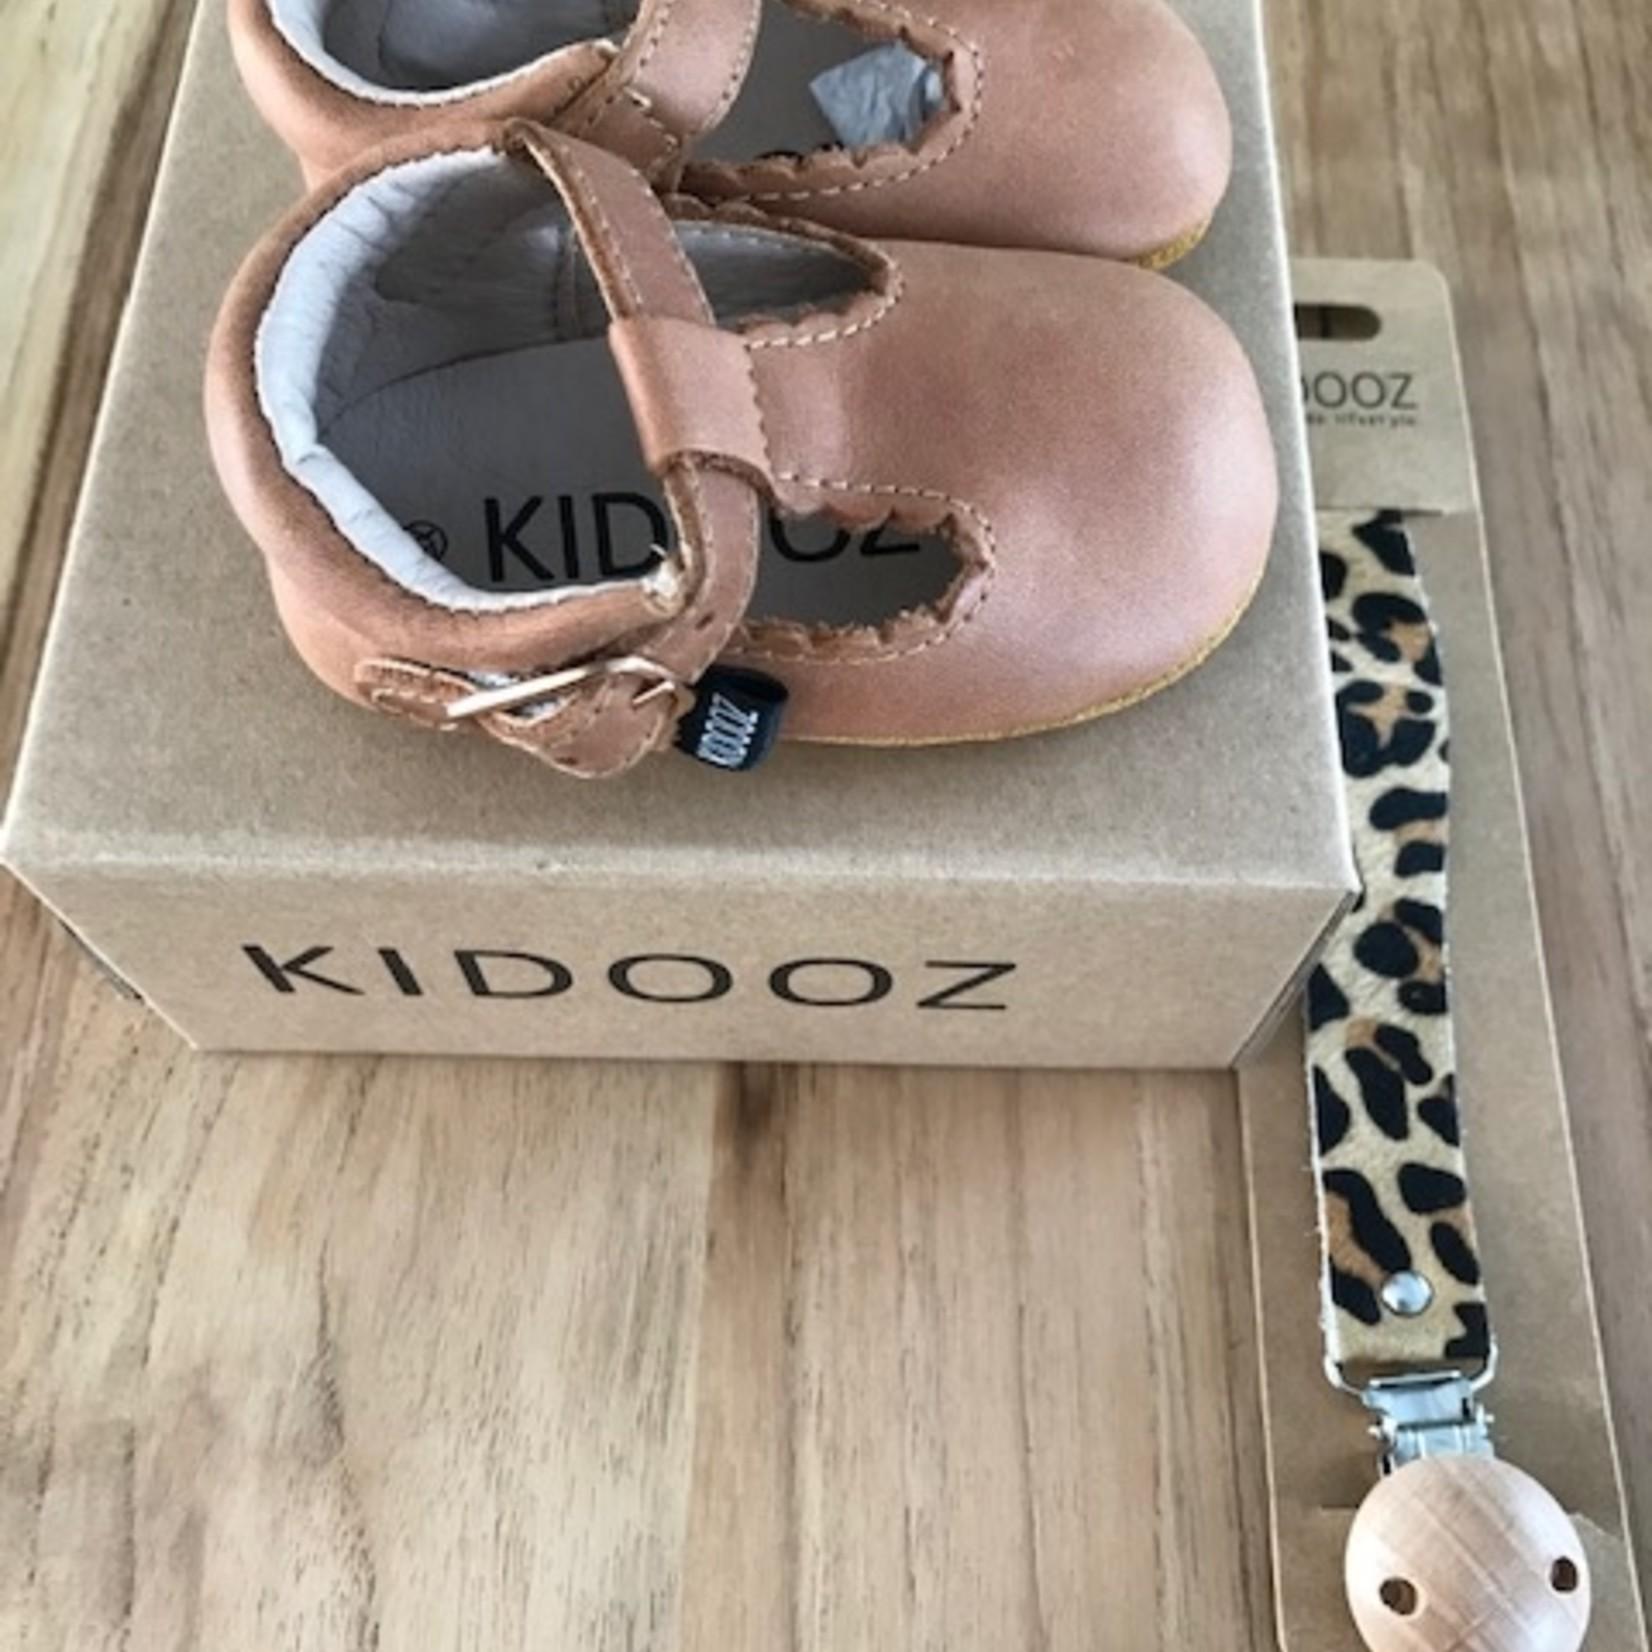 Kidooz Kidooz Ibiza sandals wax Brown